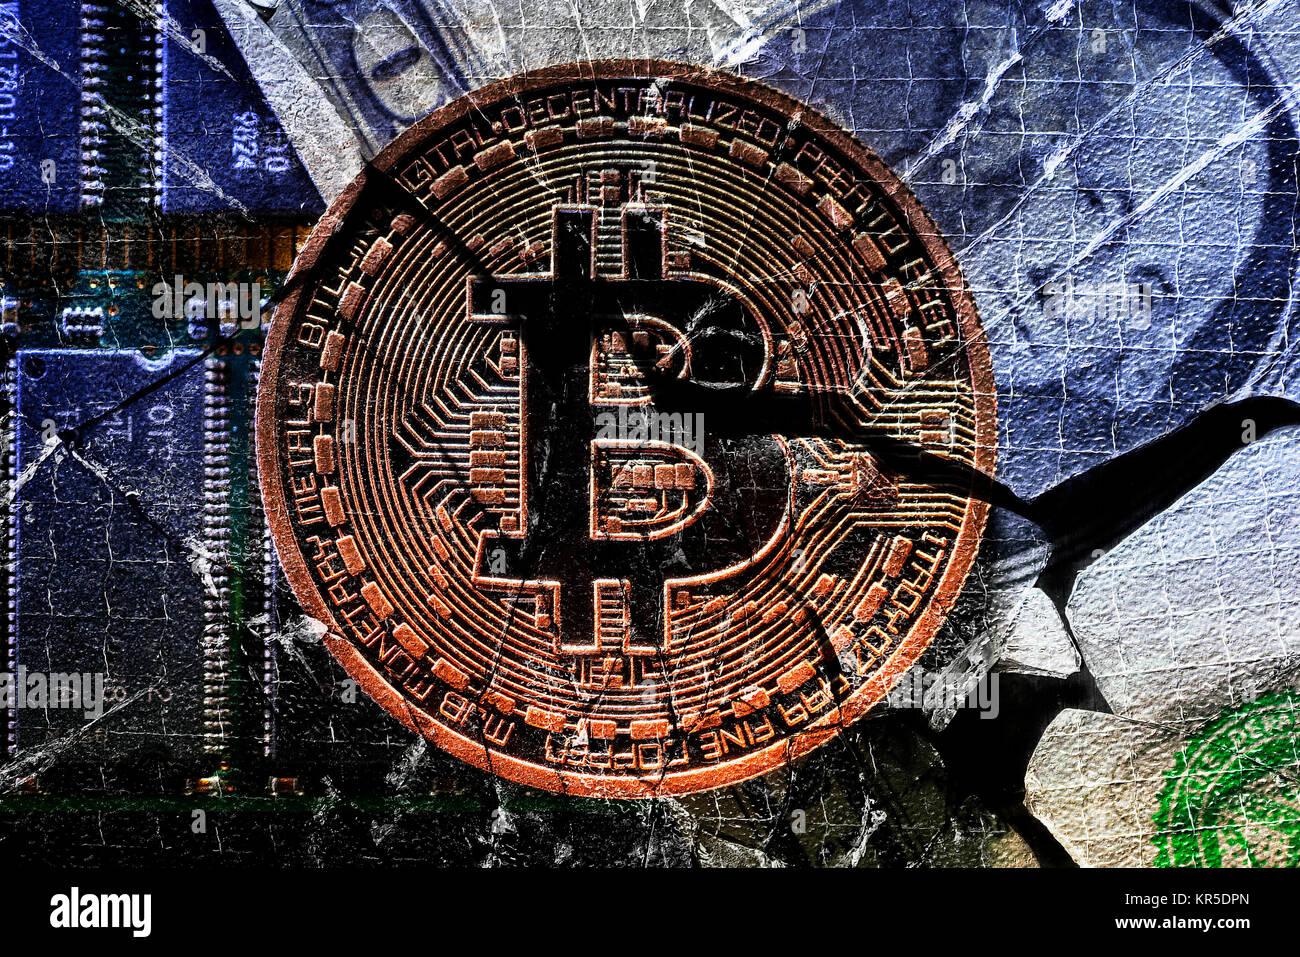 Coin with Bitcoin sign on broken glass, Münze mit Bitcoin-Zeichen auf zerbrochenem Glas Stock Photo